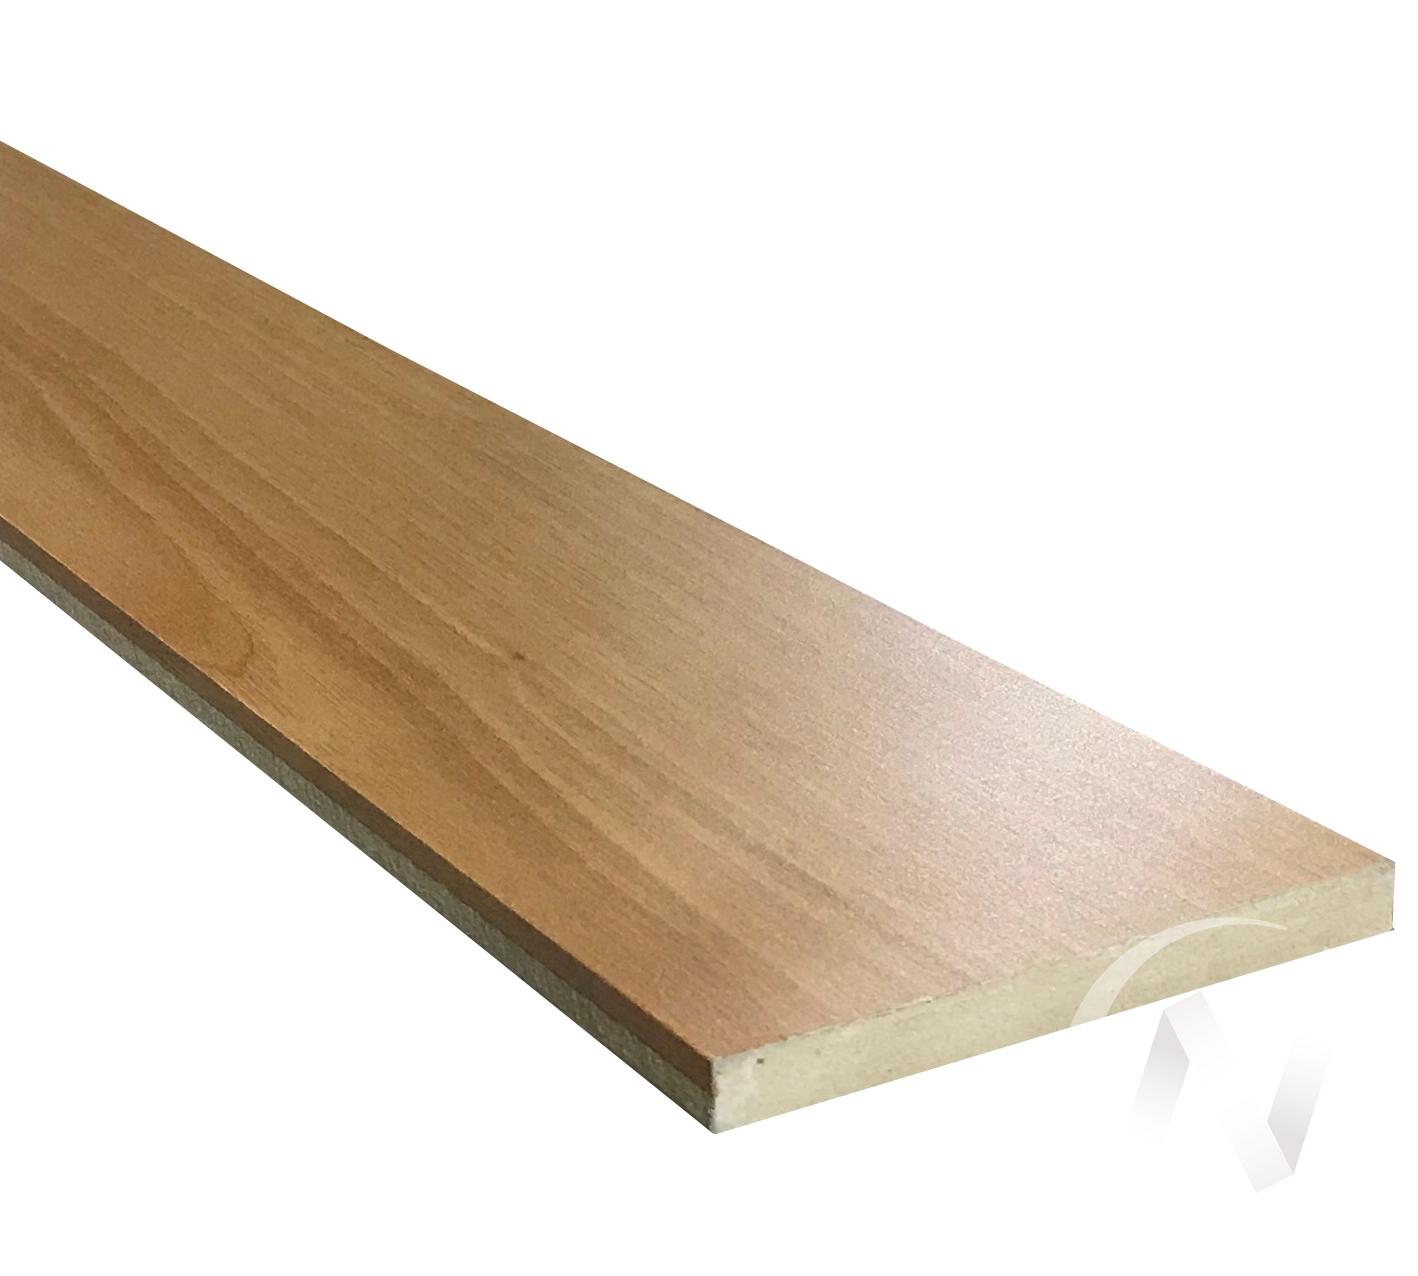 Добор ламинированный (100*10*2070, миланский орех)  в Томске — интернет магазин МИРА-мебель